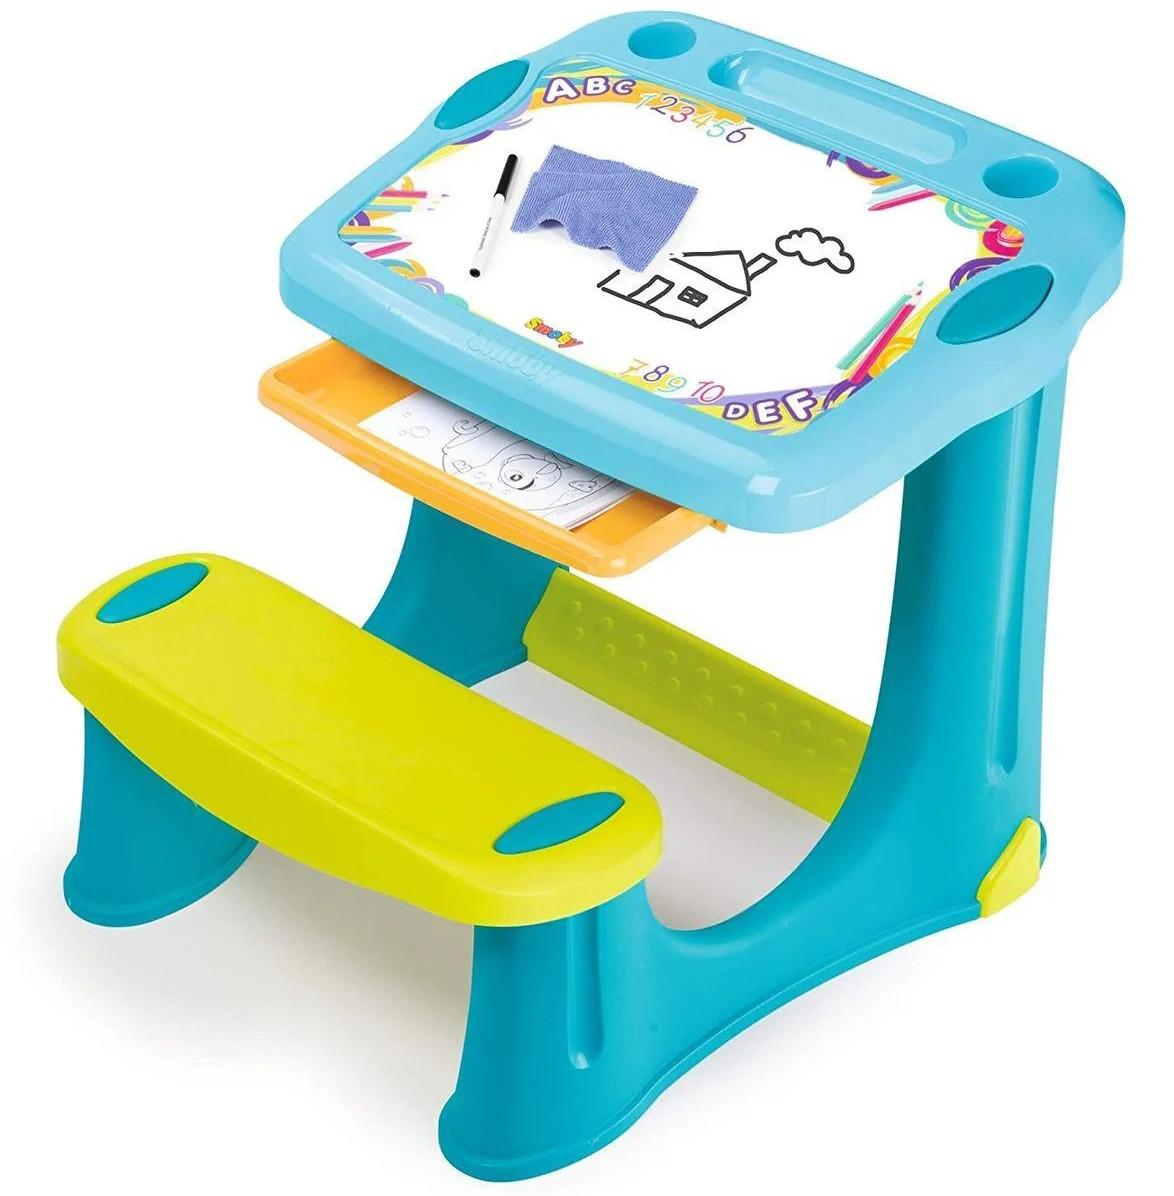 """Дитяча пластикова парта-мольберт з висувним ящиком """"Магічна"""" Smoby 420218 для дітей"""